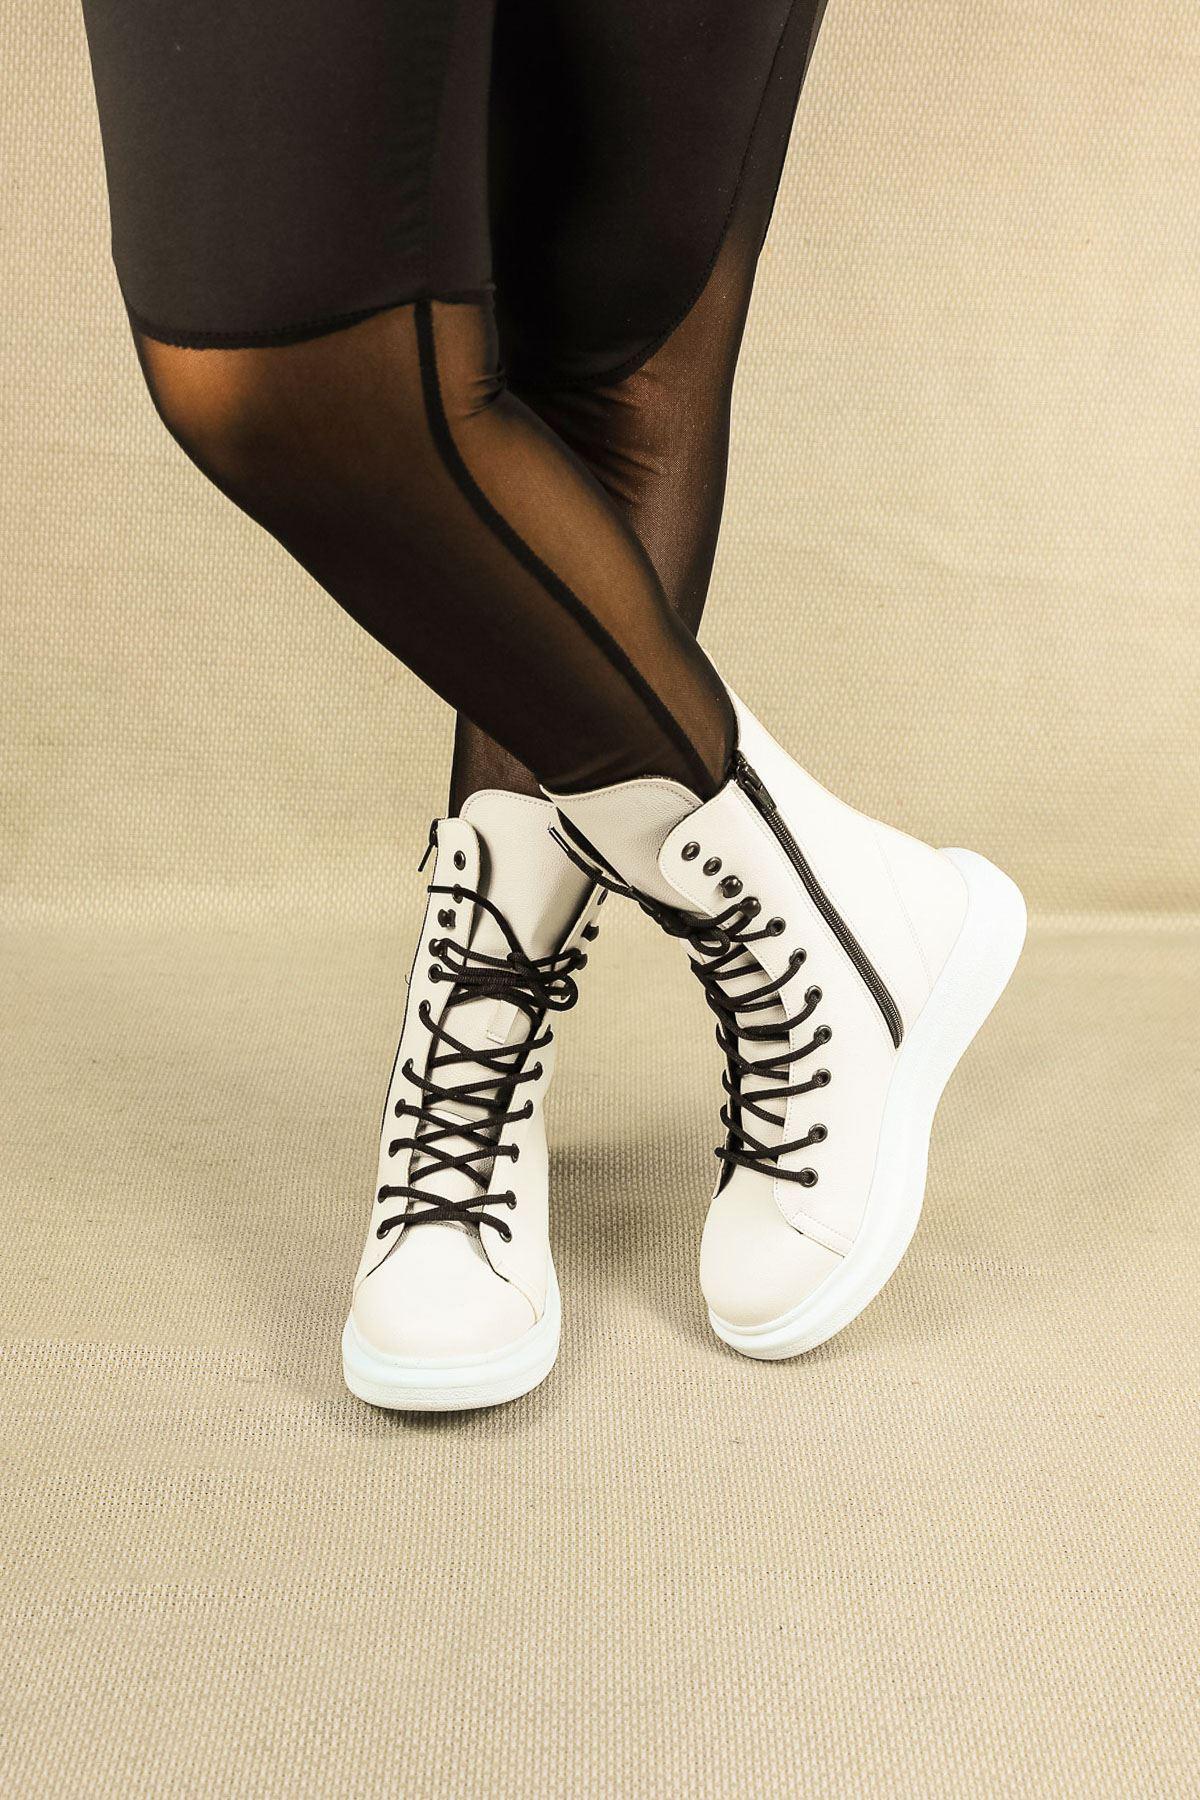 Asmira Beyaz Ortapedik Kadın Spor Ayakkabı